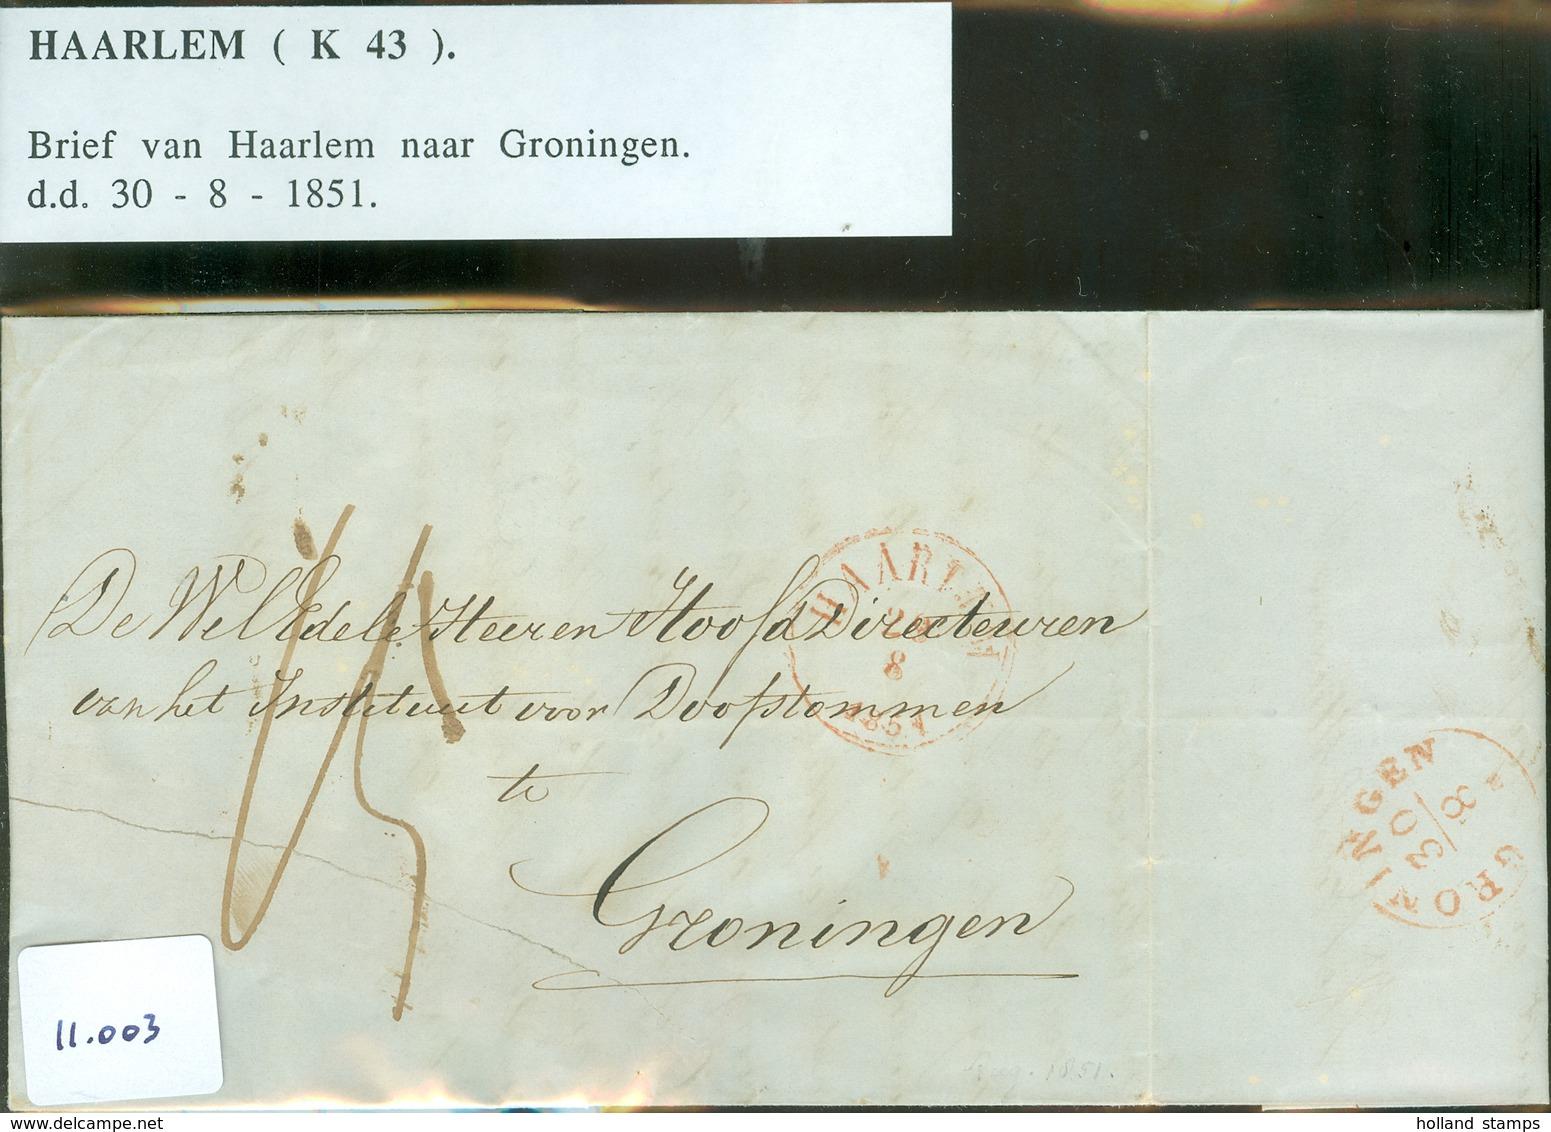 HANDGESCHREVEN BRIEF Uit 1851 Gelopen Van HAARLEM Naar GRONINGEN  (11.003) - Nederland